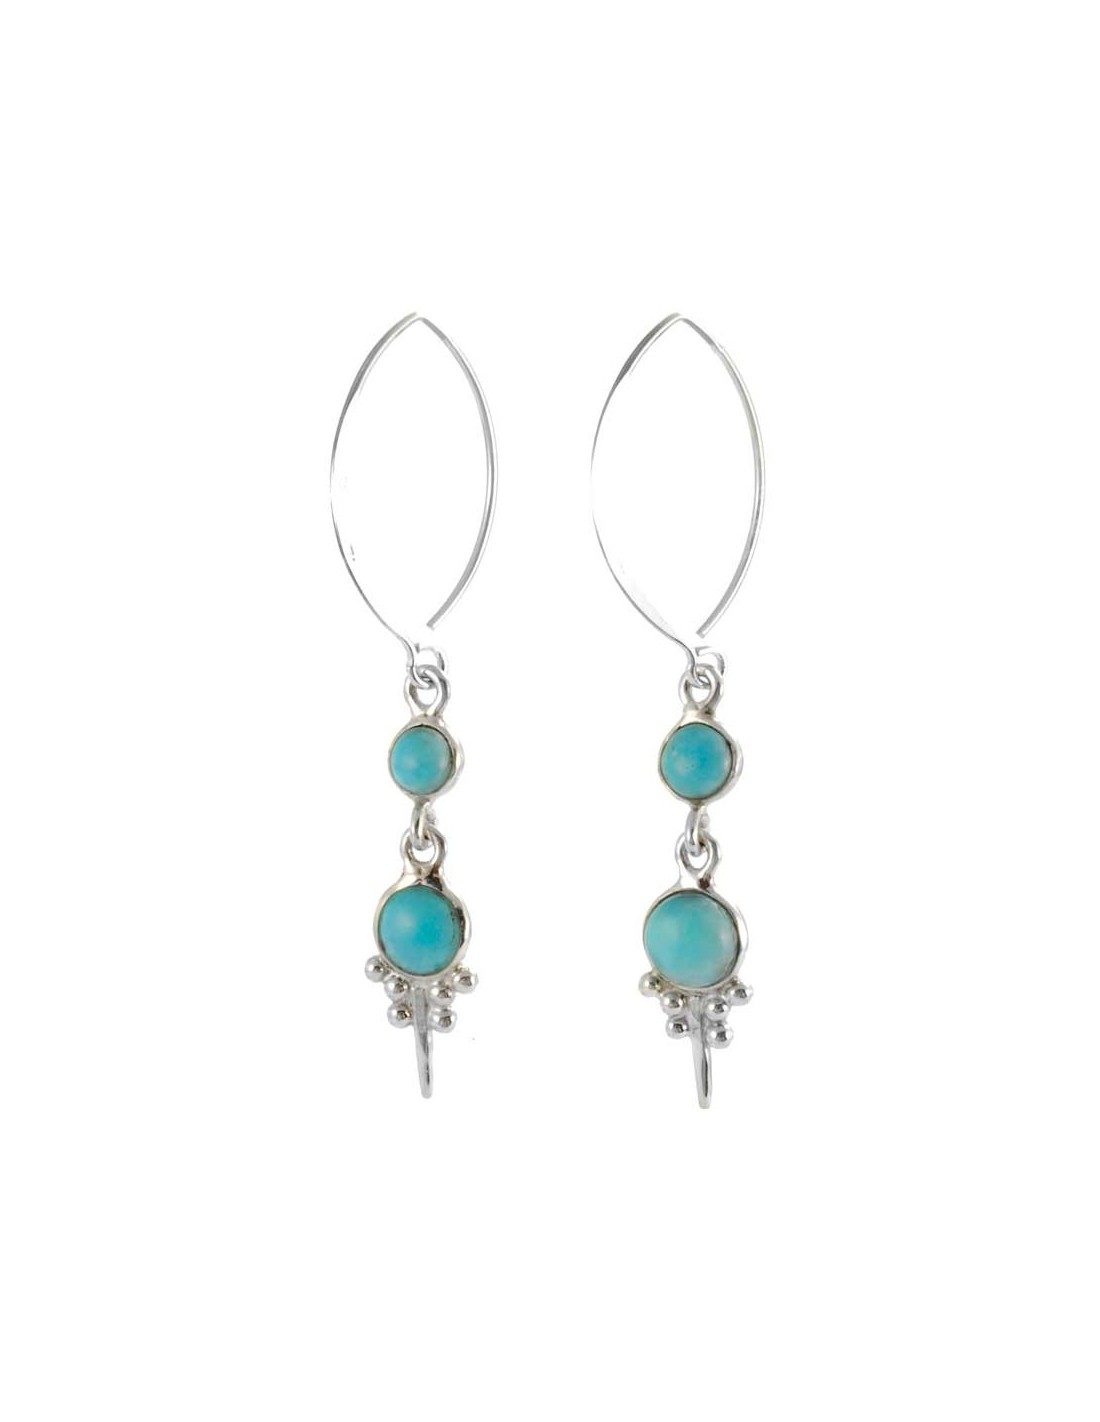 Boucles d 39 oreilles argent col de cygne et pierres boutique nirvana - Fermoir boucle d oreille argent ...